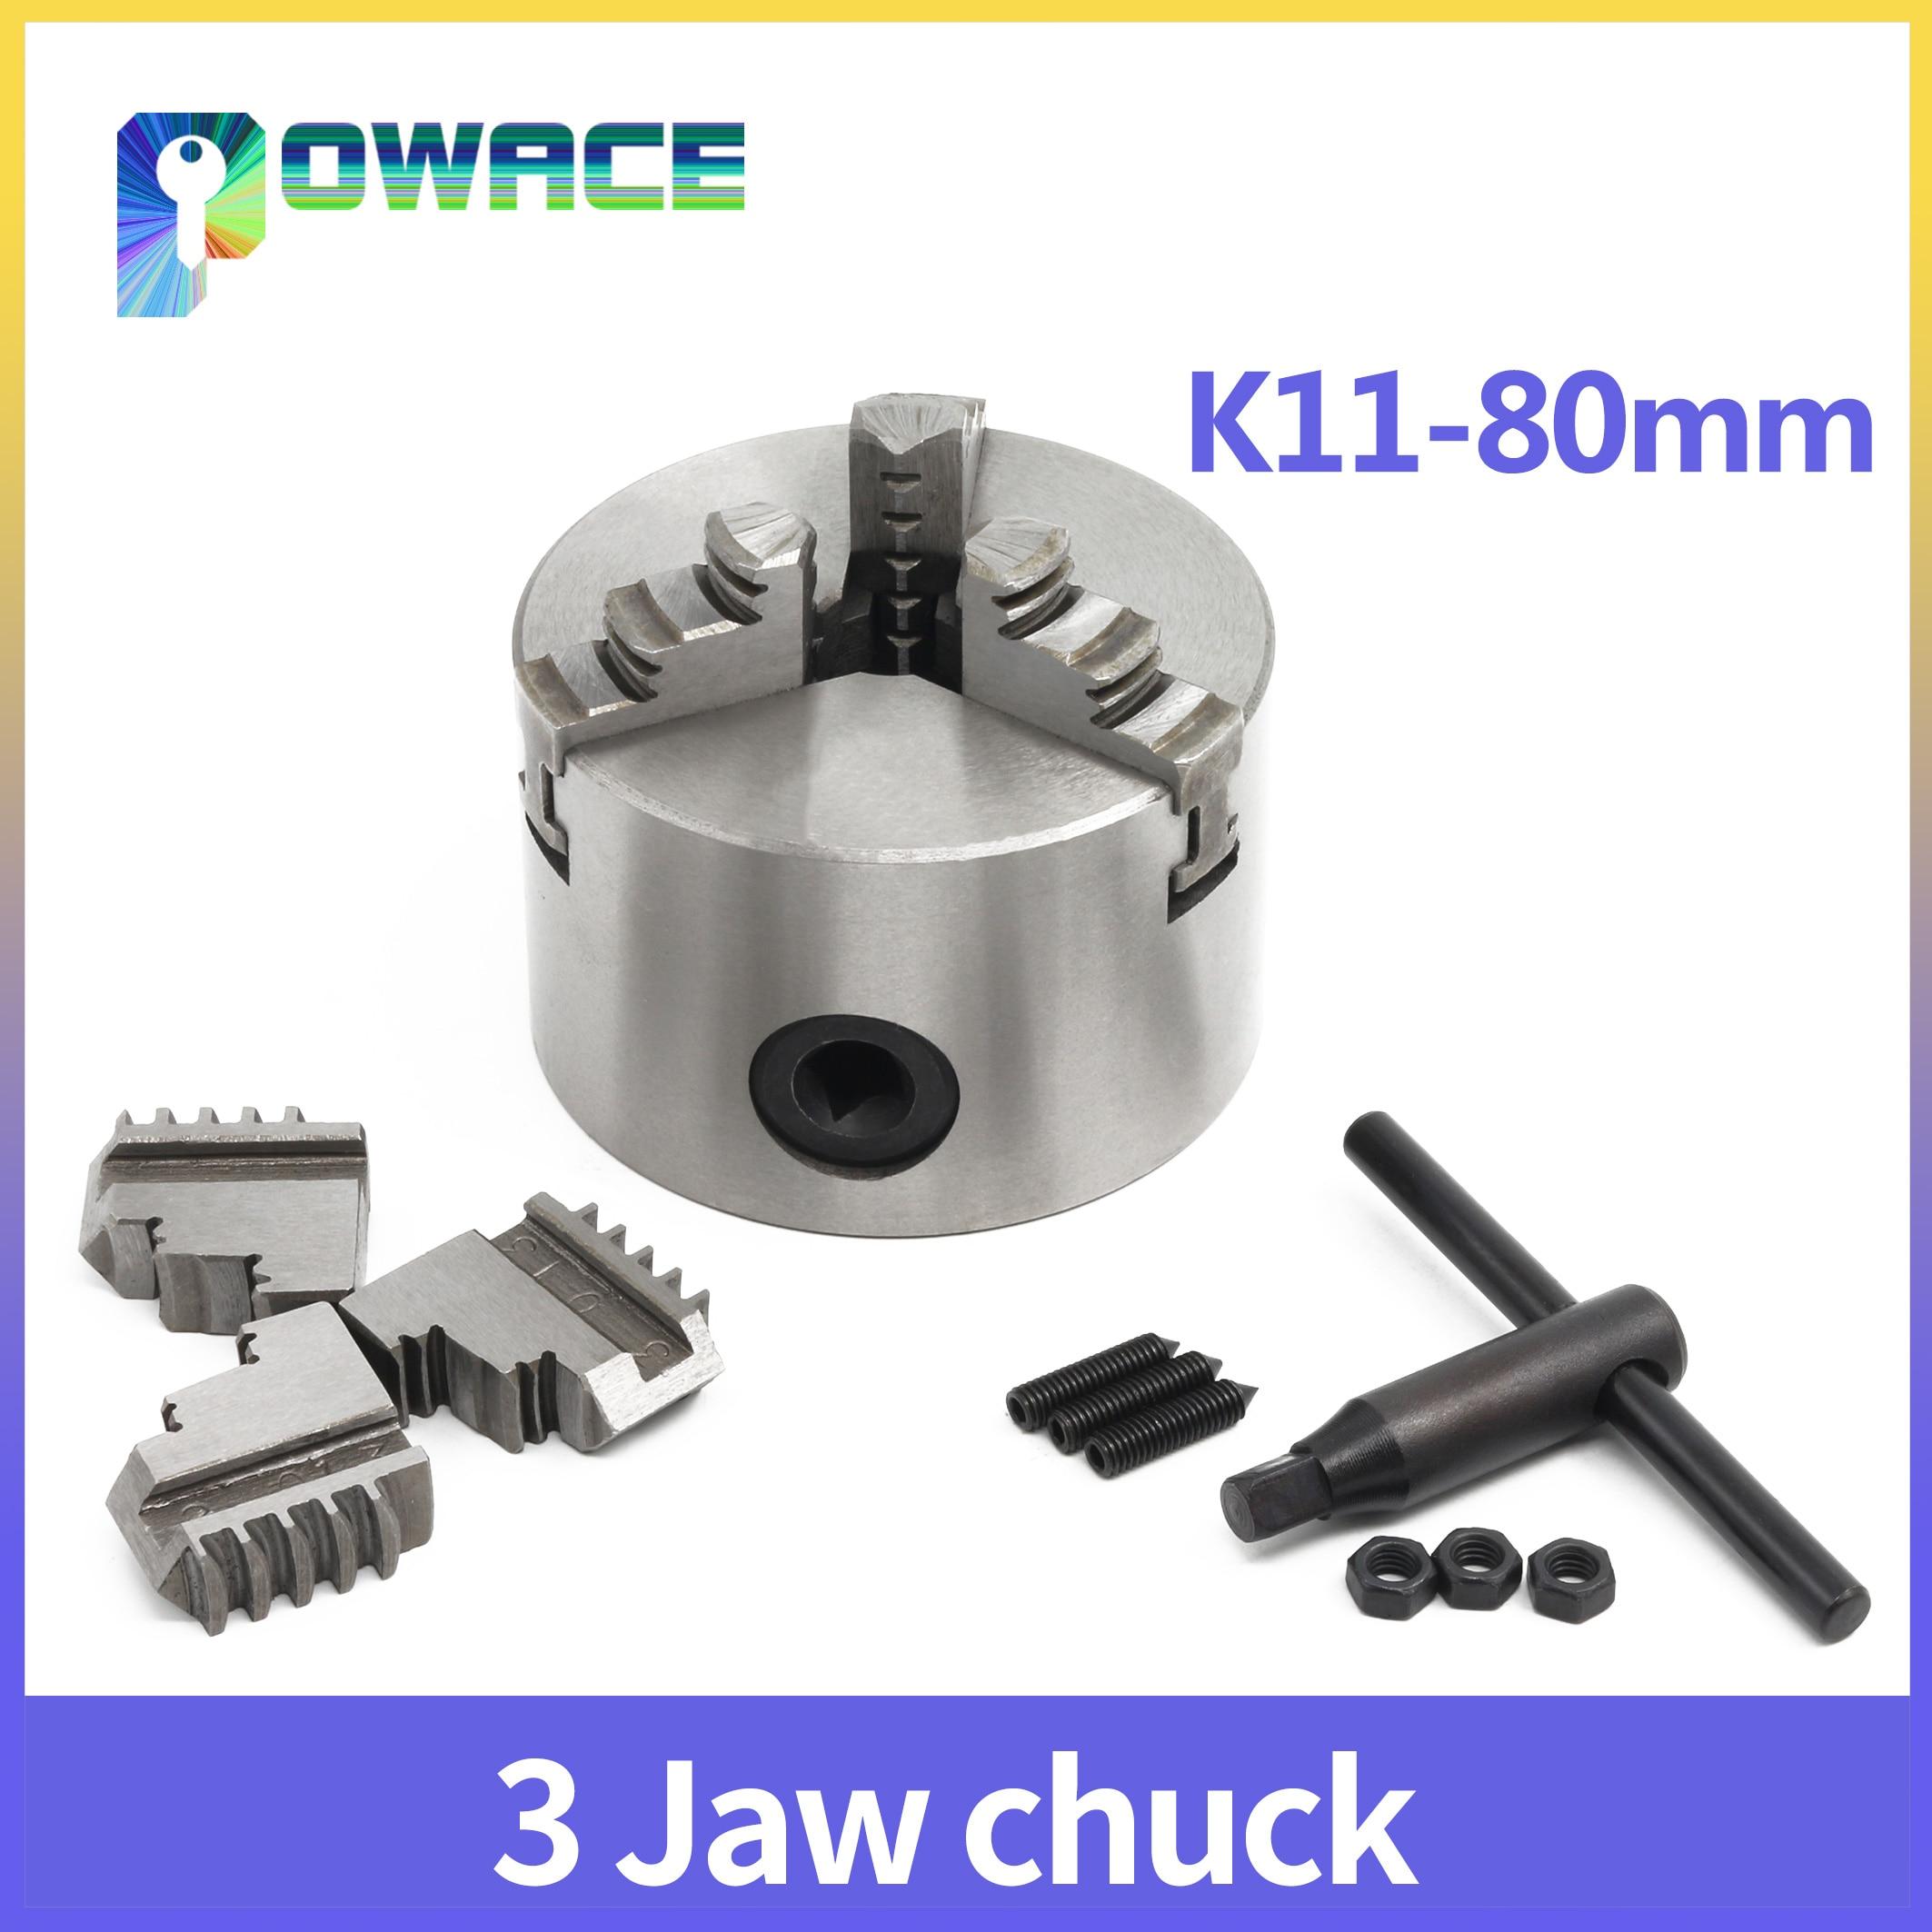 3 кулачковый K11-80mm ручной Самоцентрирующийся патрон CNC станок токарный патрон 4800р/мин 40н. М